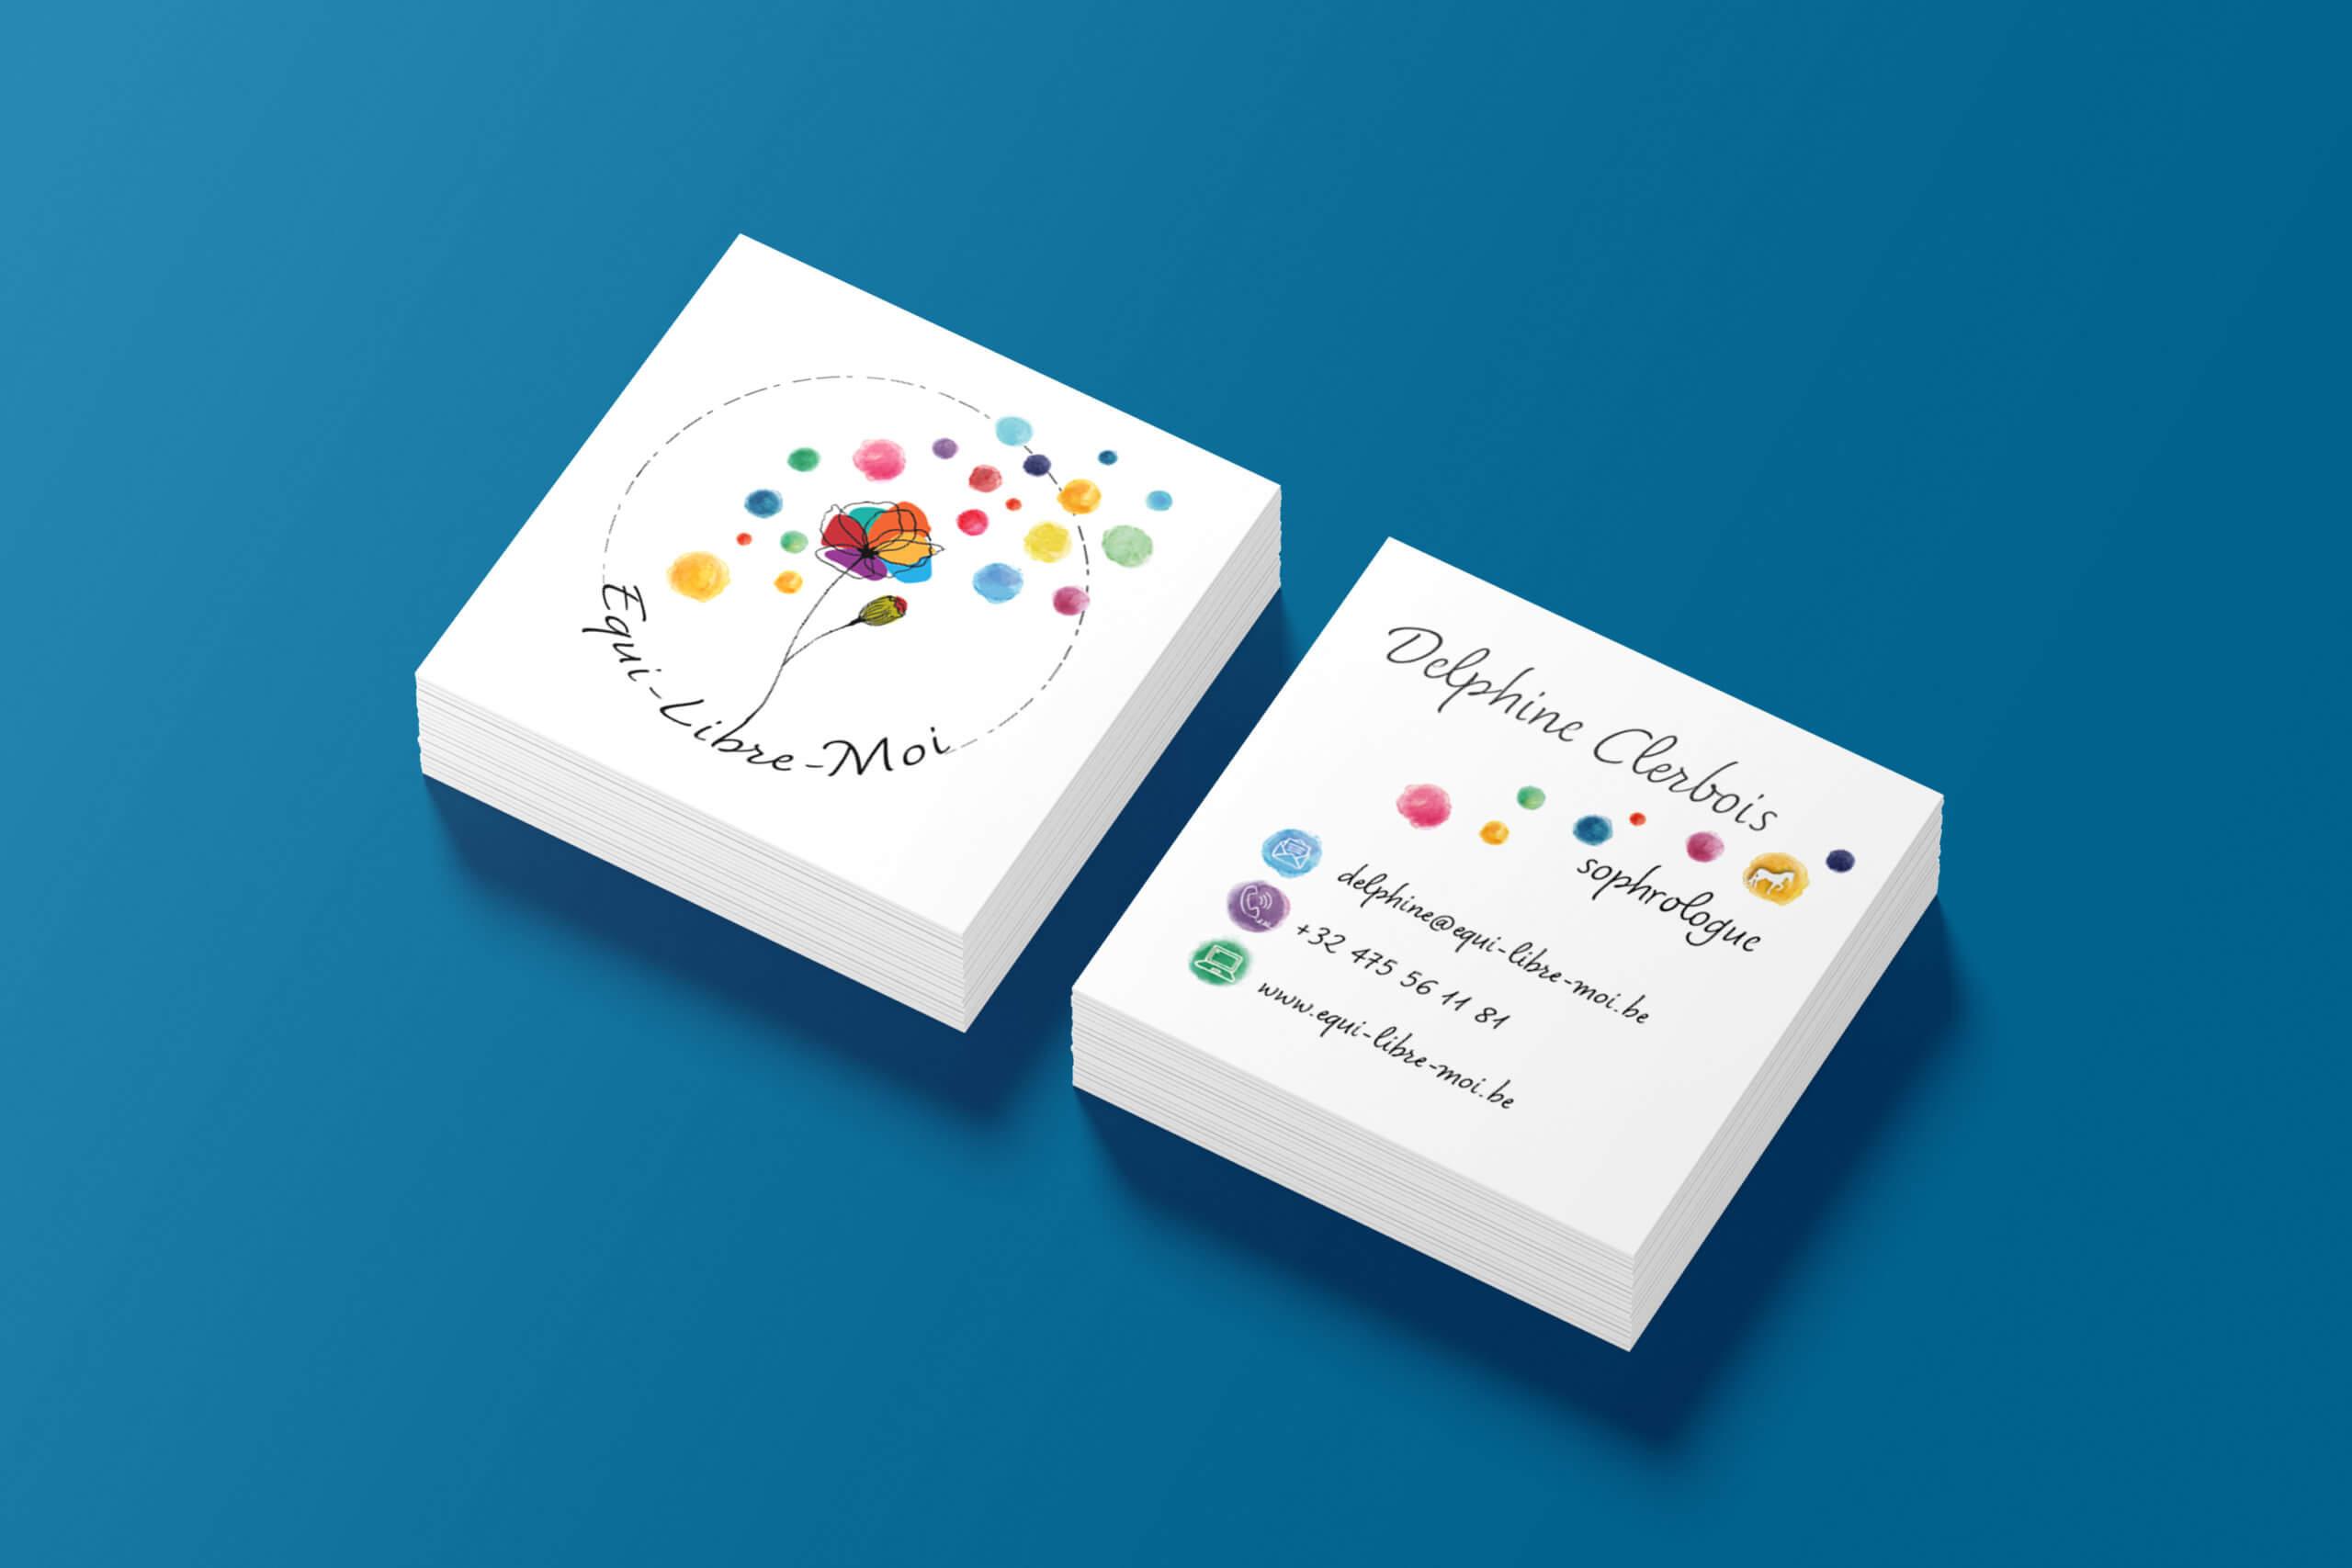 carte de visite Equi-Libre-Moi - Let You Shine Graphiste et créatrice d'identité visuelle